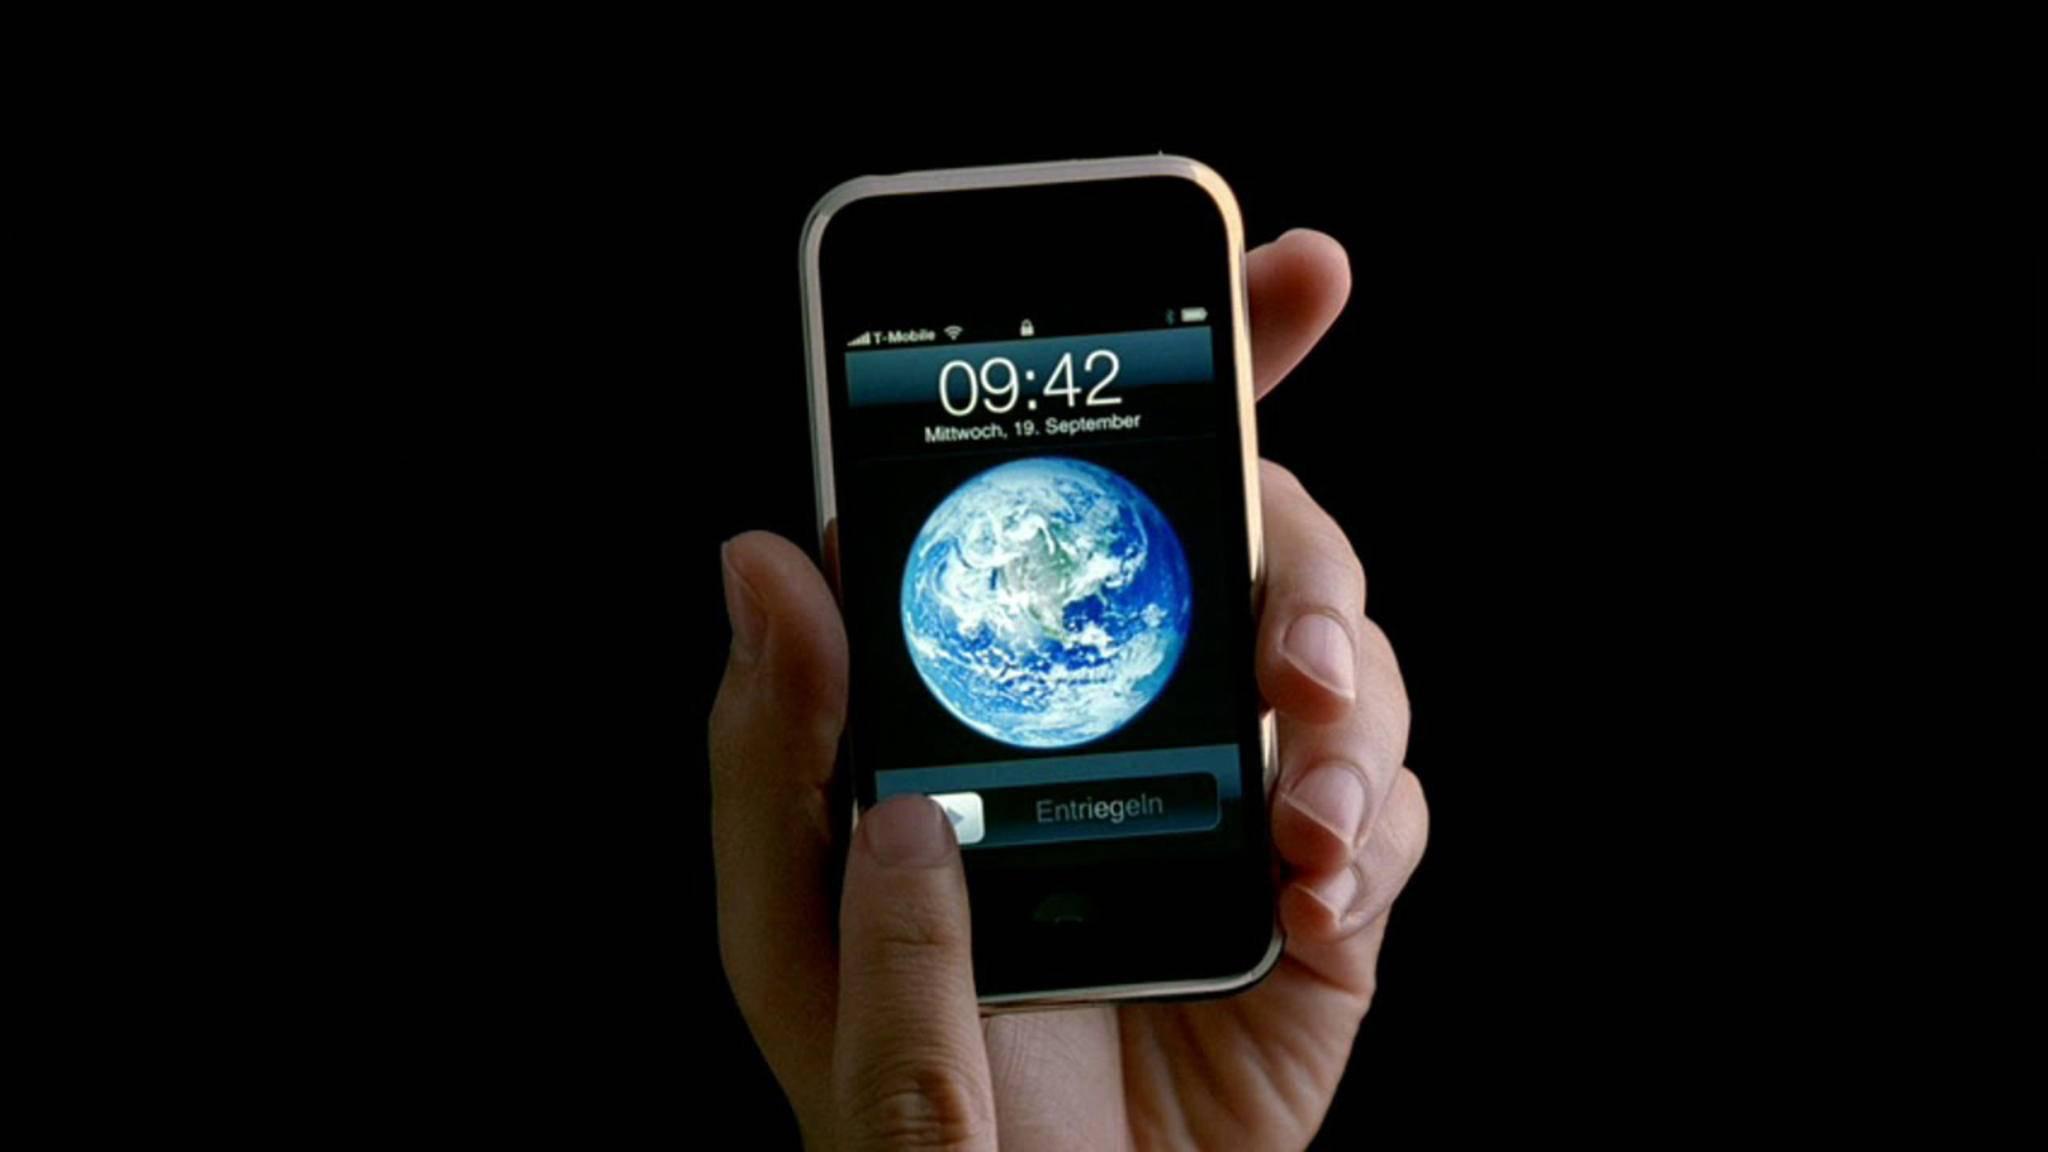 Das iPhone brauchte sich auf der Keynote keine Sorgen um WLAN oder Mobilfunknetz machen.